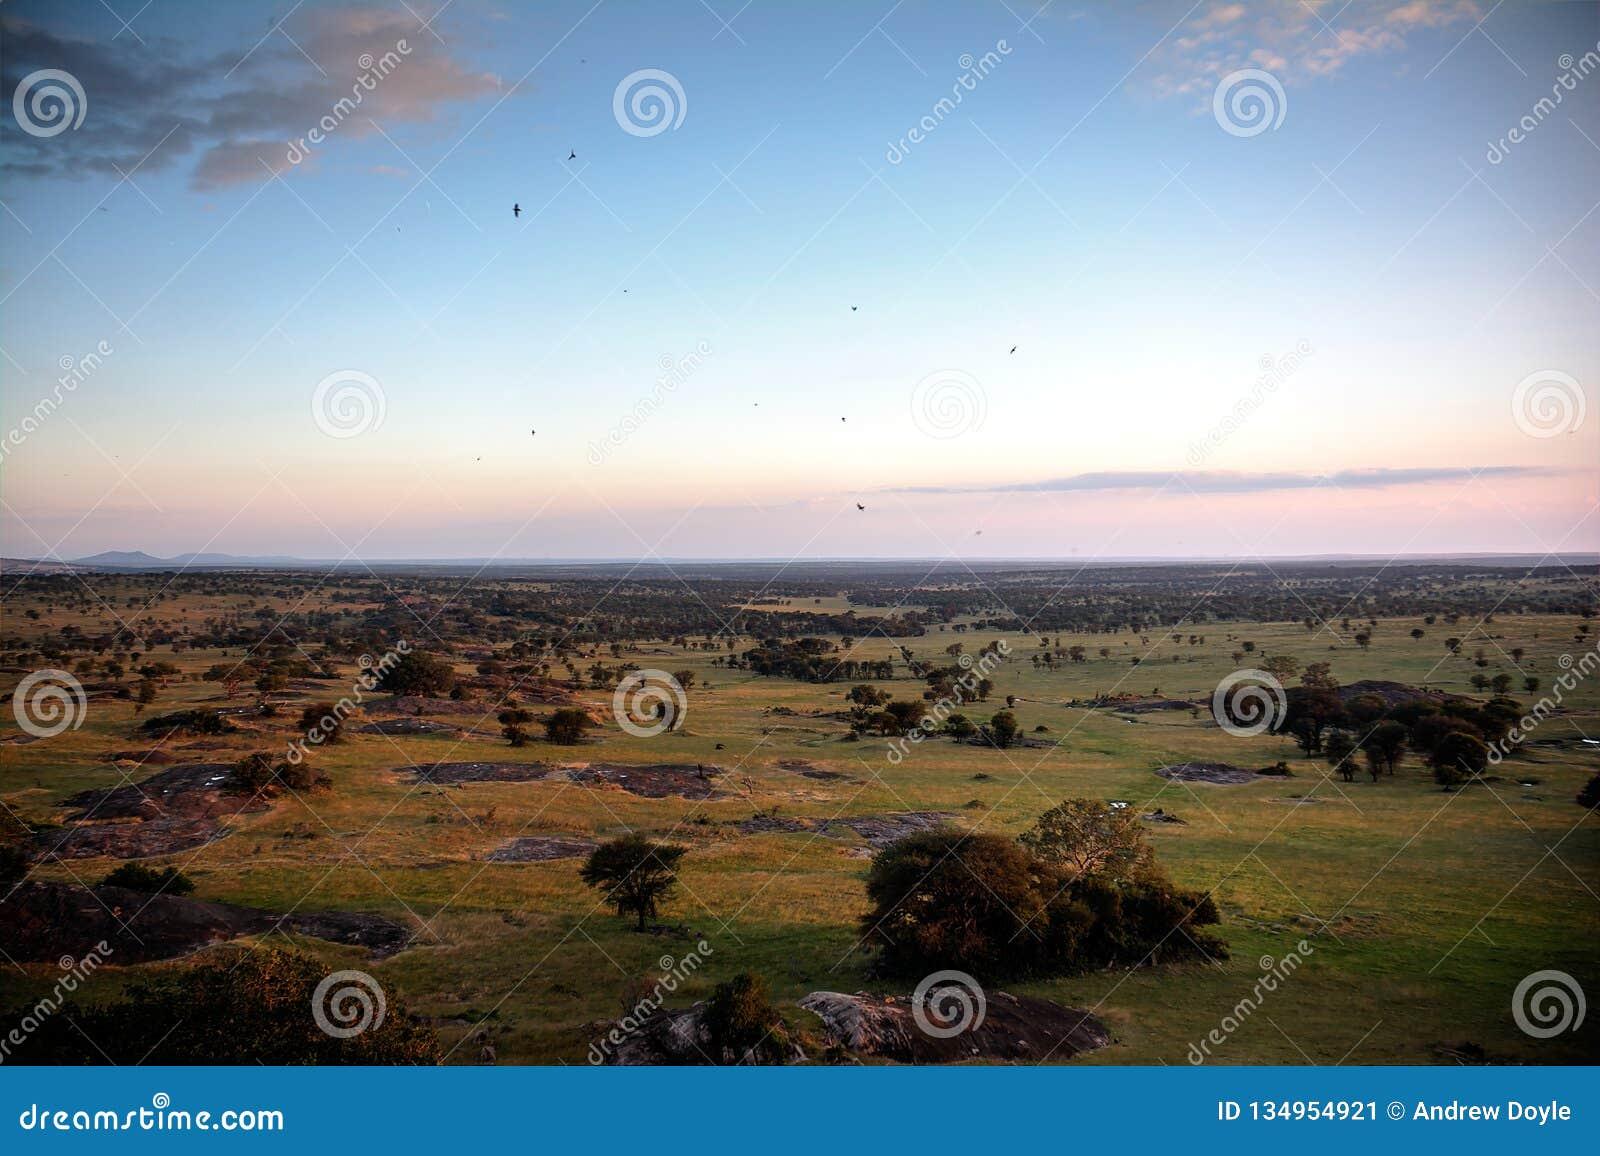 Drastische Sonnenuntergangbeleuchtung über der Serengeti-Savanne von übersehen